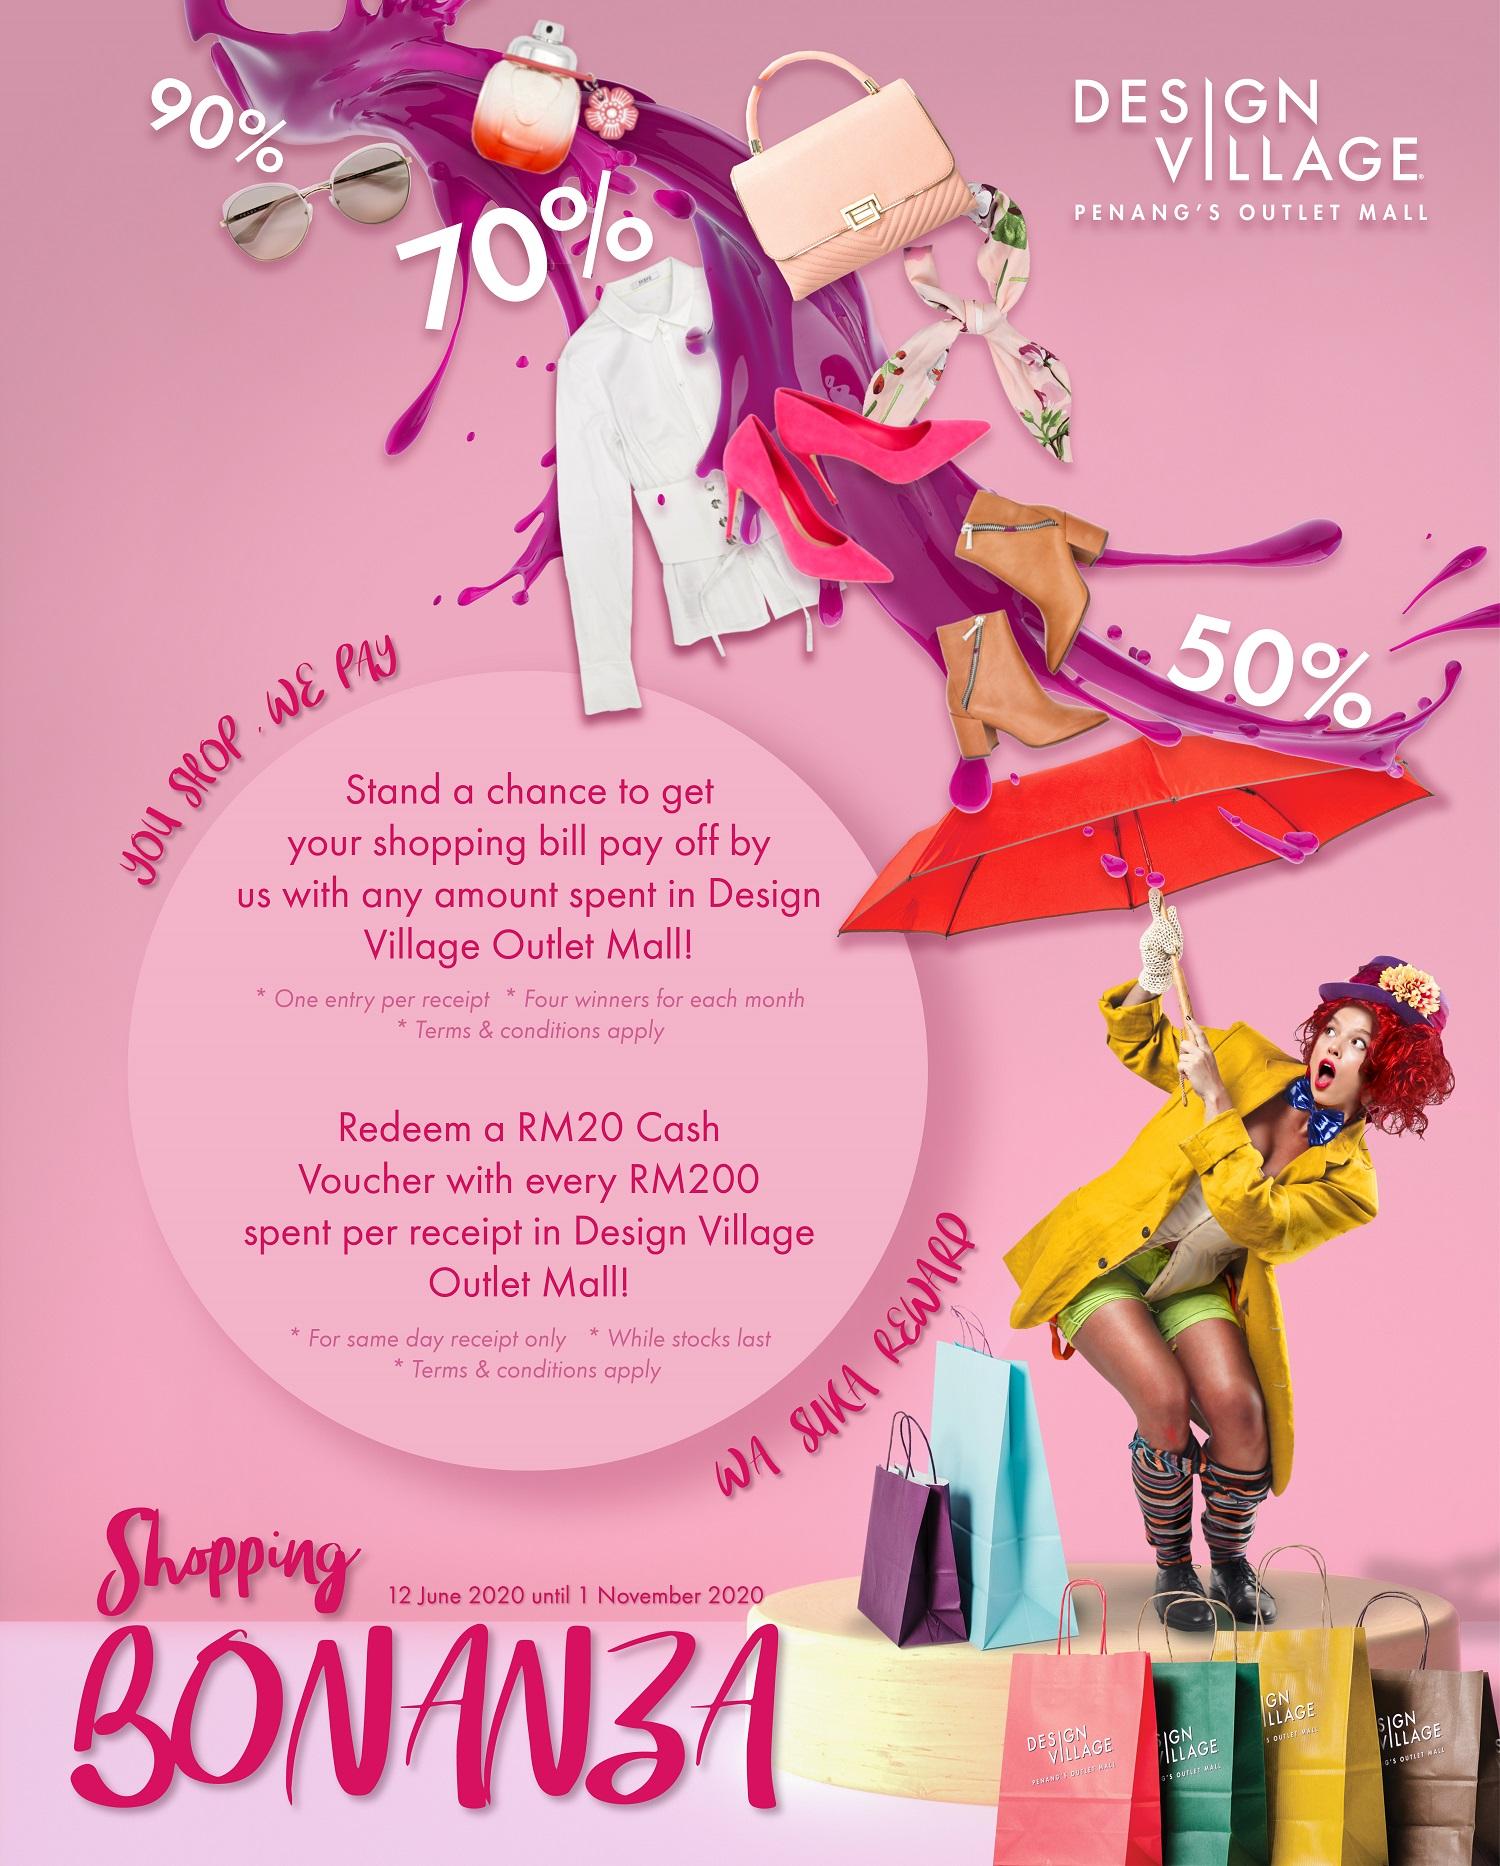 Shopping Bonanza Preview